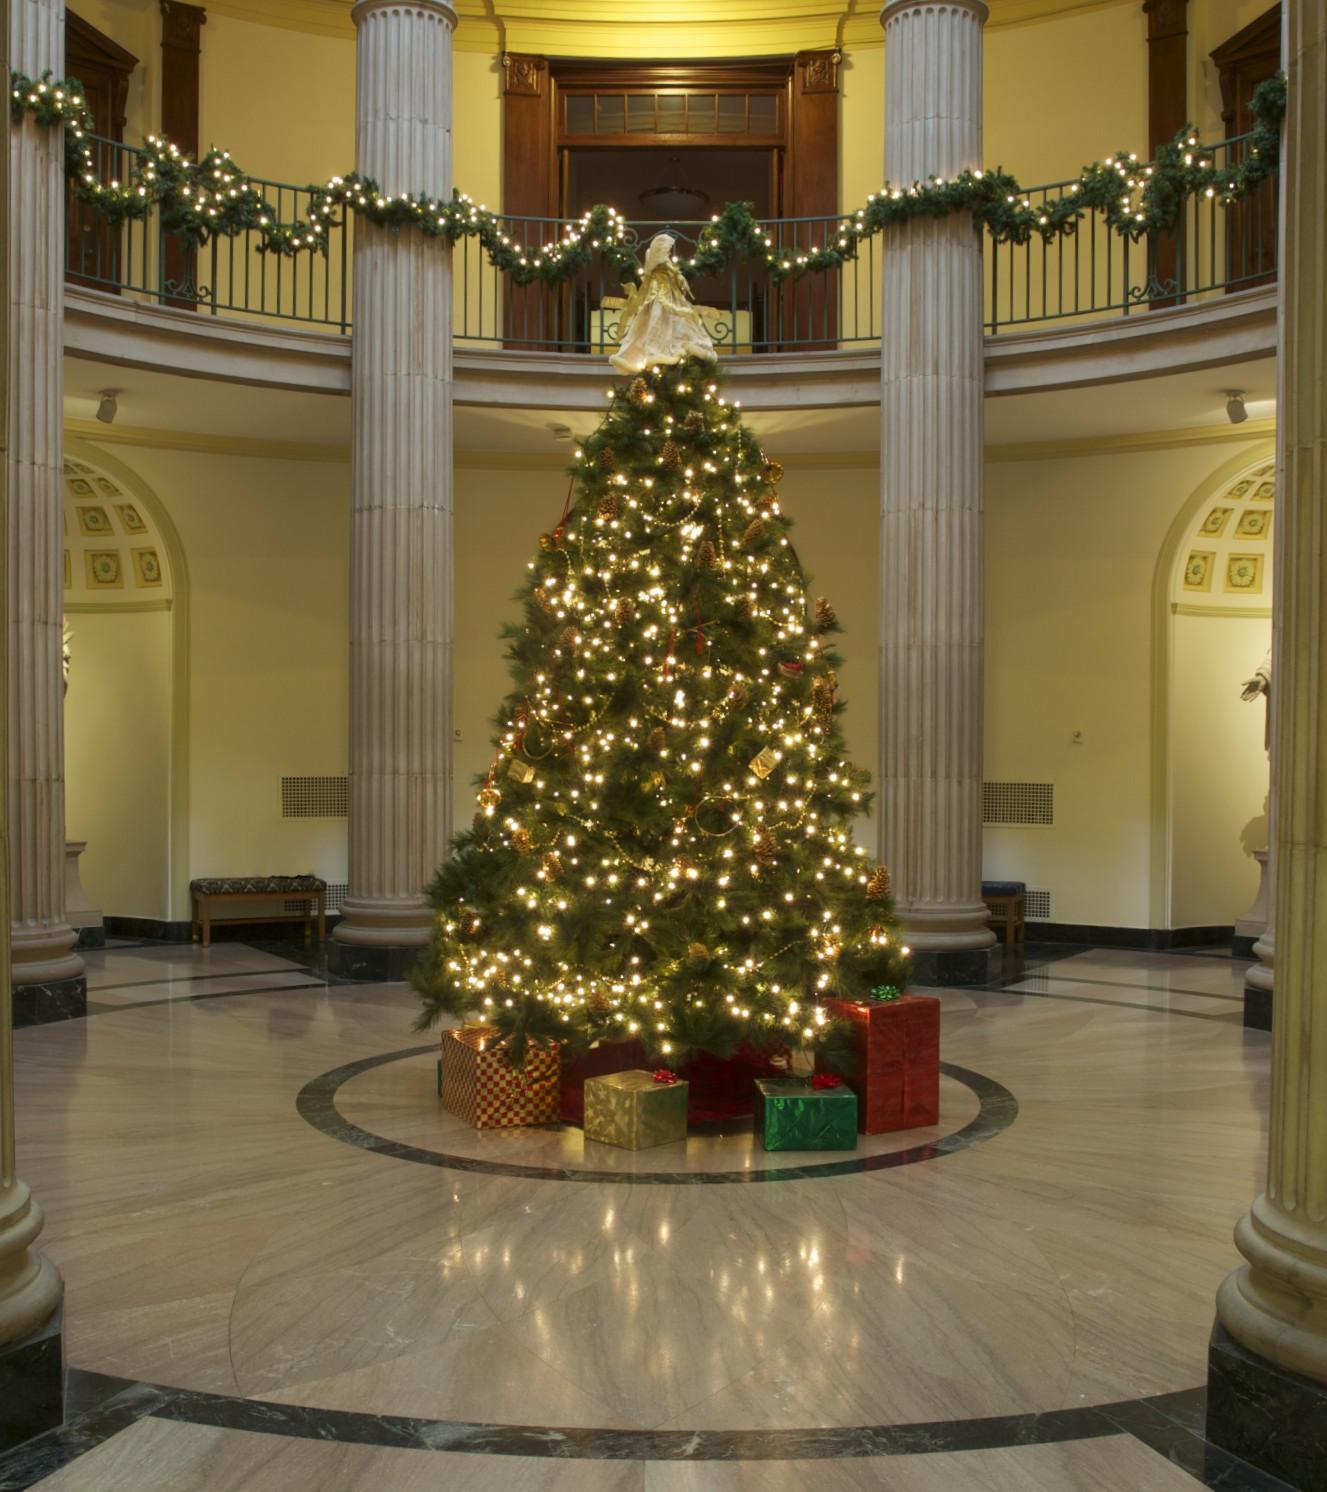 Christmas Tree Life Extender: Fr Jack SJ MD: December 2012